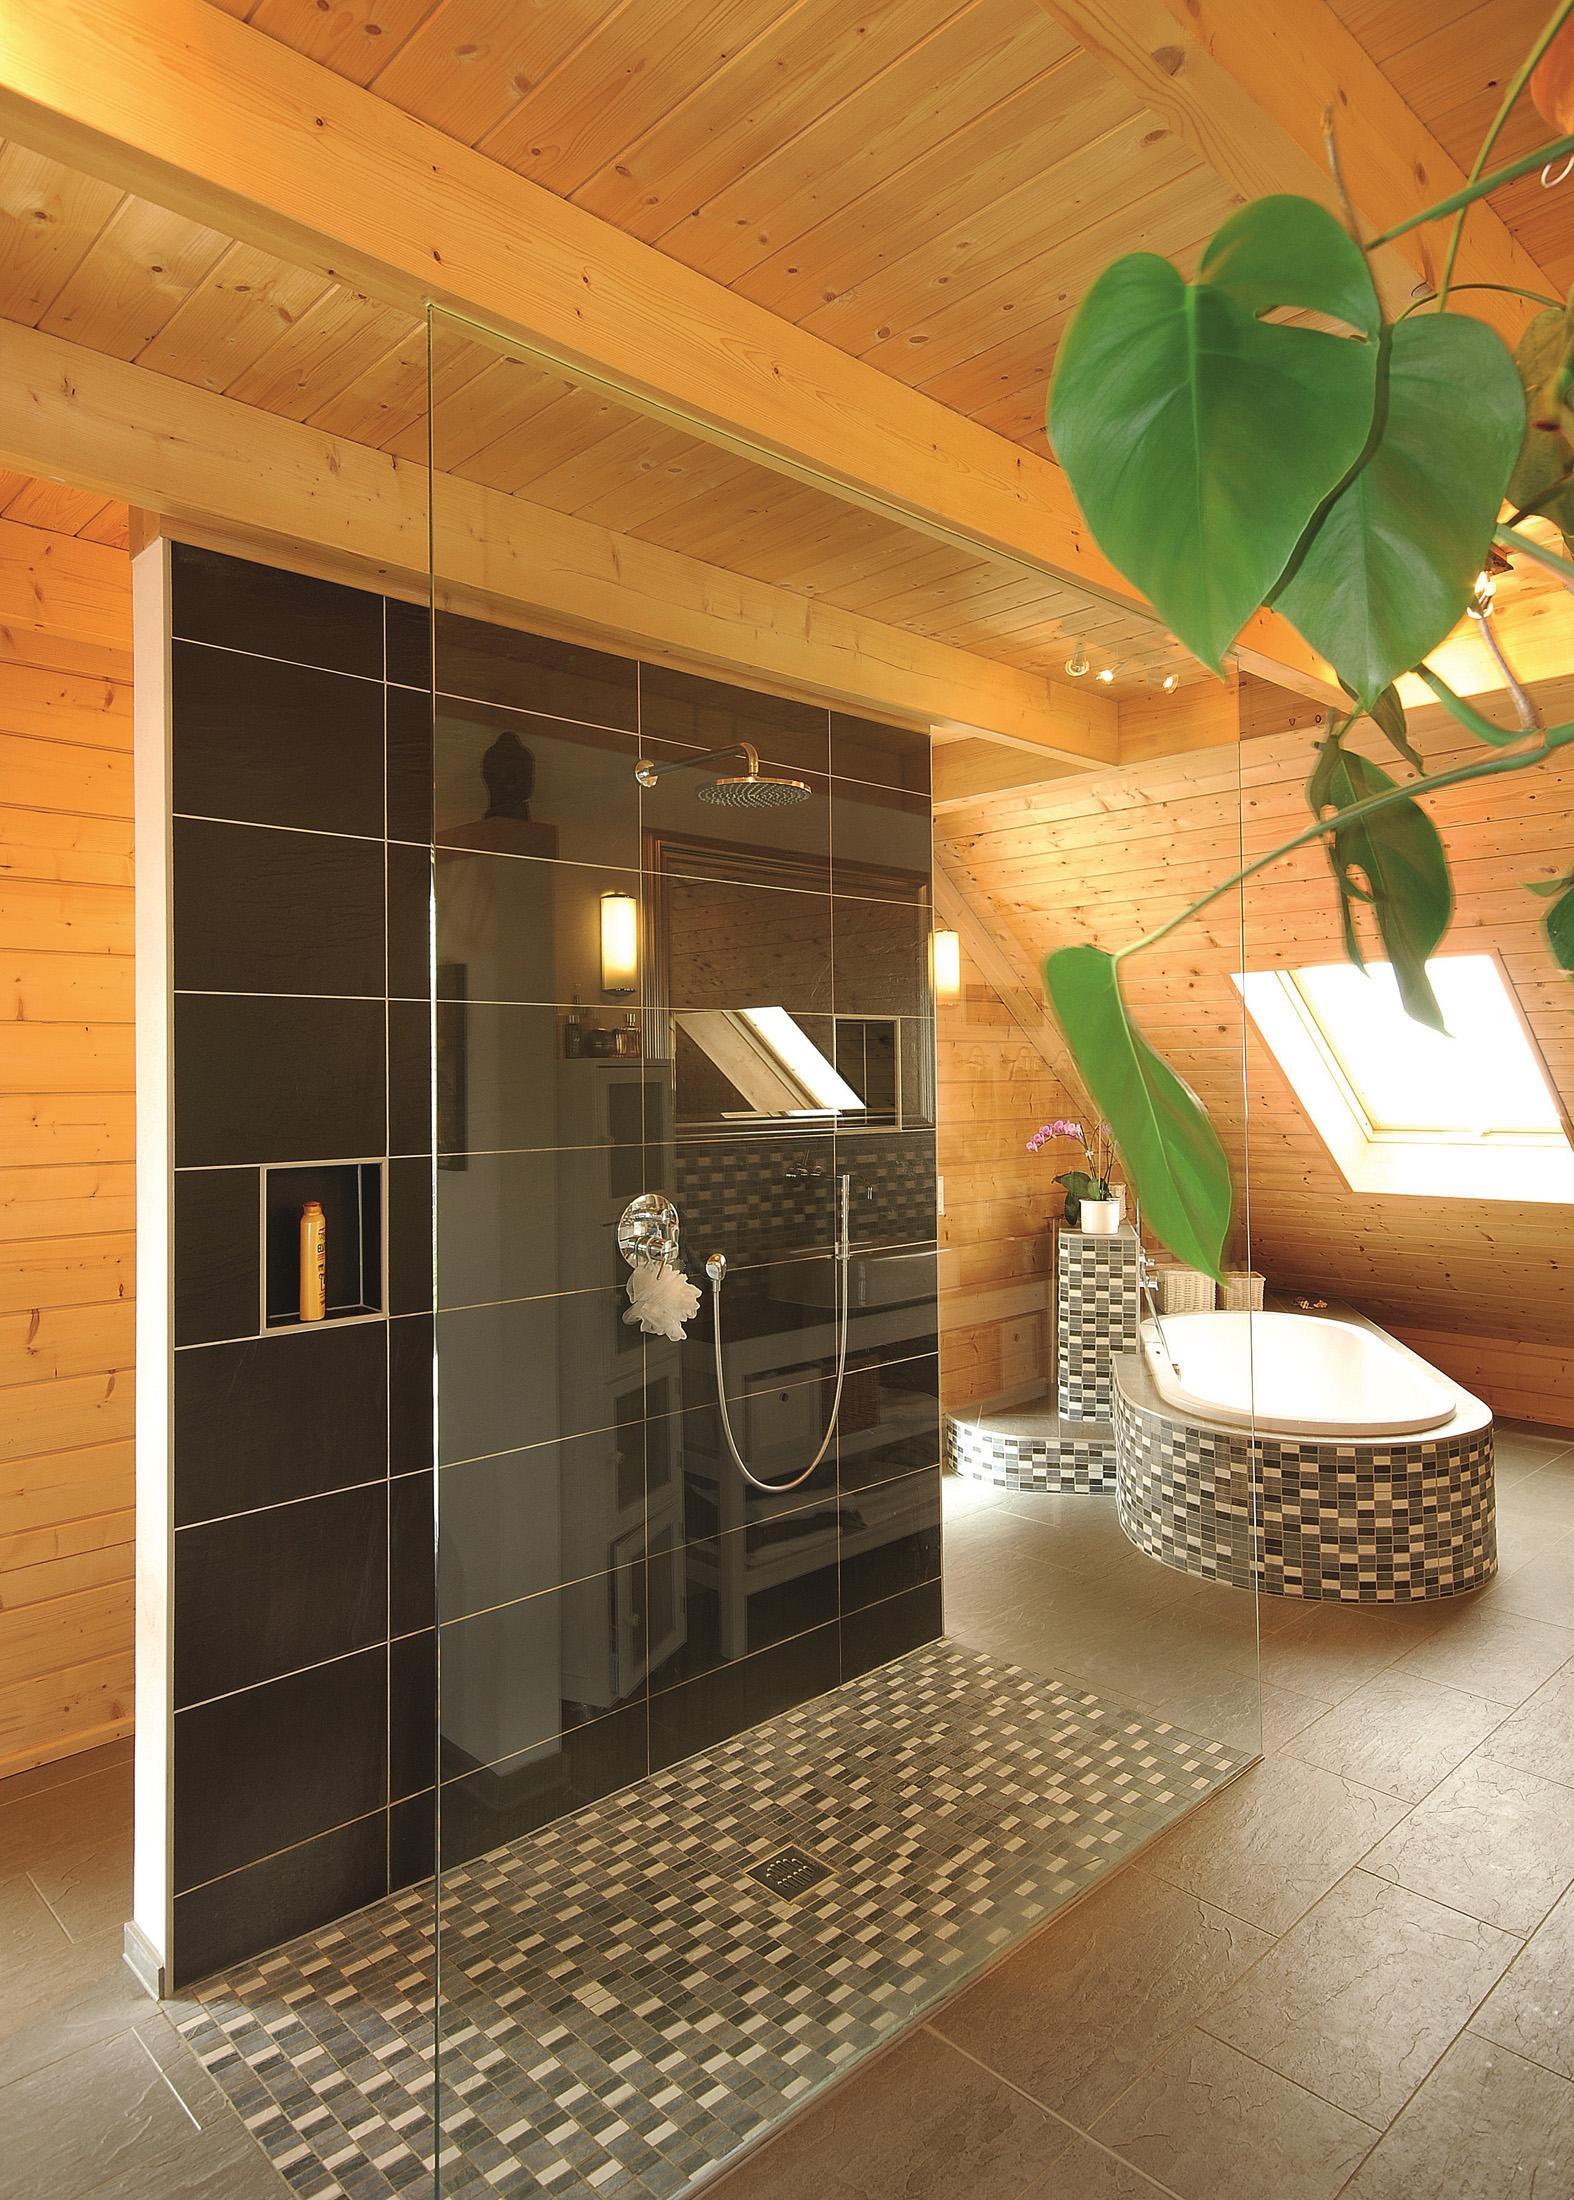 Freistehende Dusche #dachfenster #fliesen #mosaikfliesen #dachgeschoss  #dusche #holzdecke #holzbalkendecke